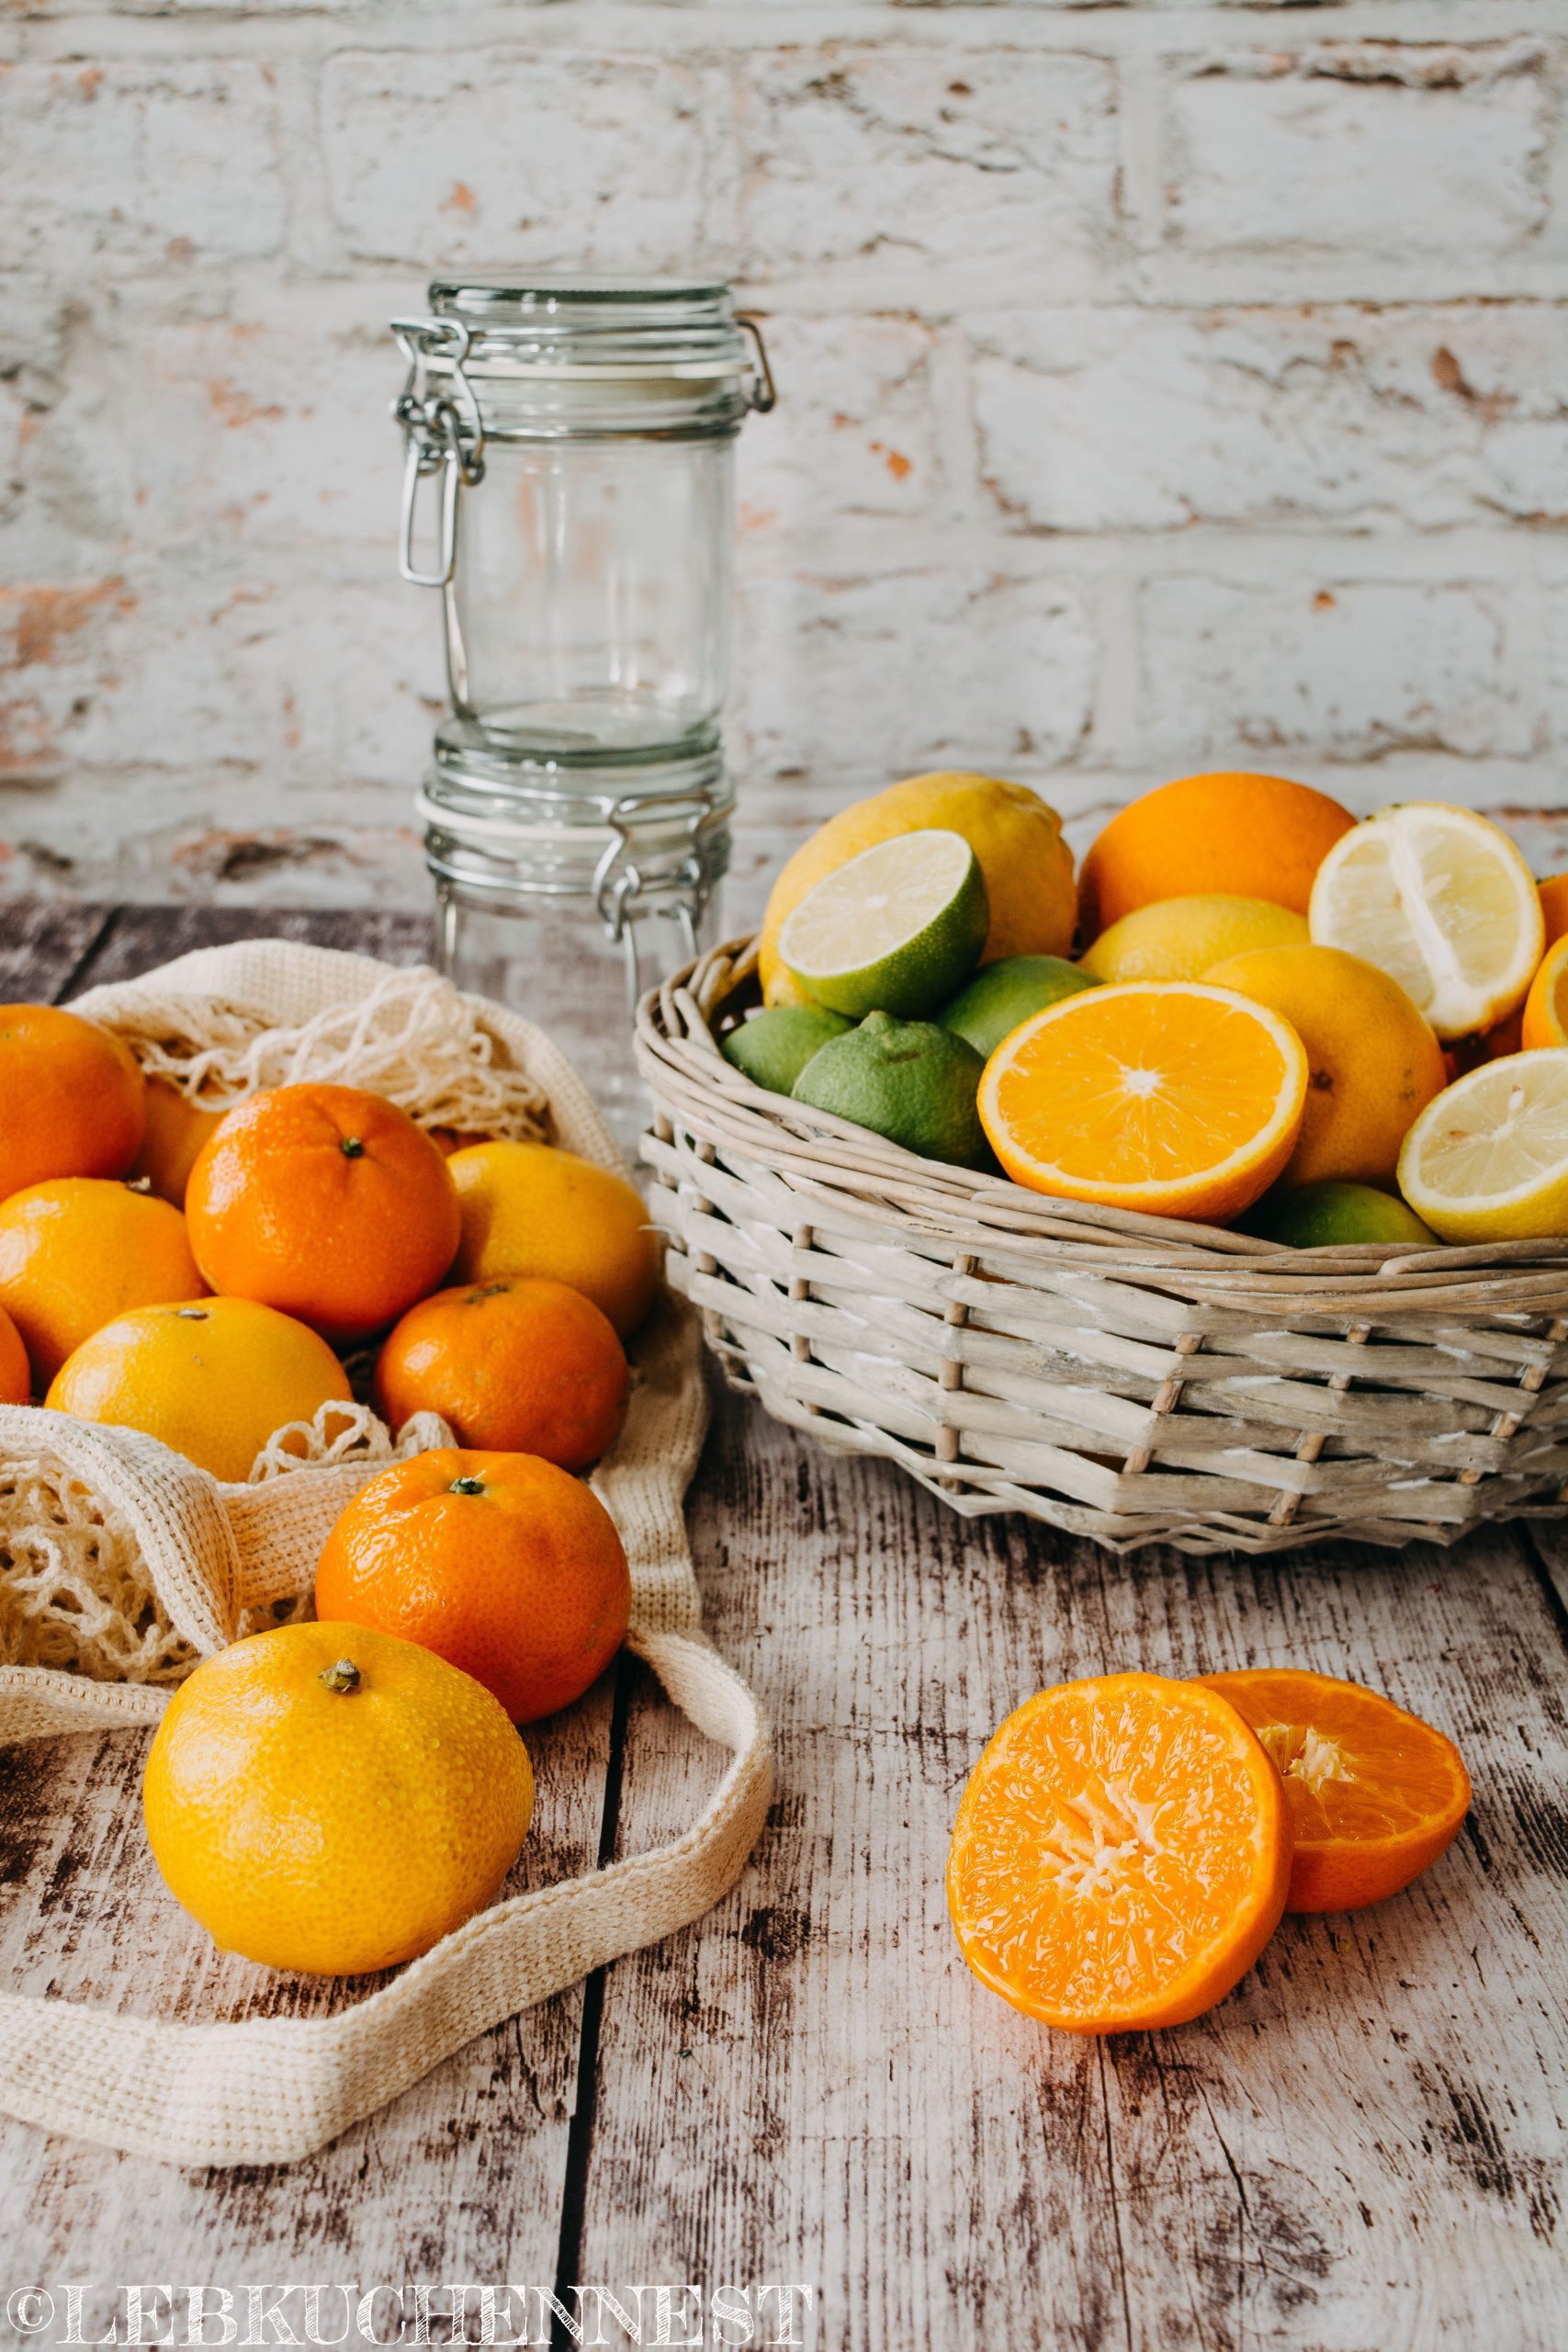 Zitrusmarmelade aus reinen Früchten